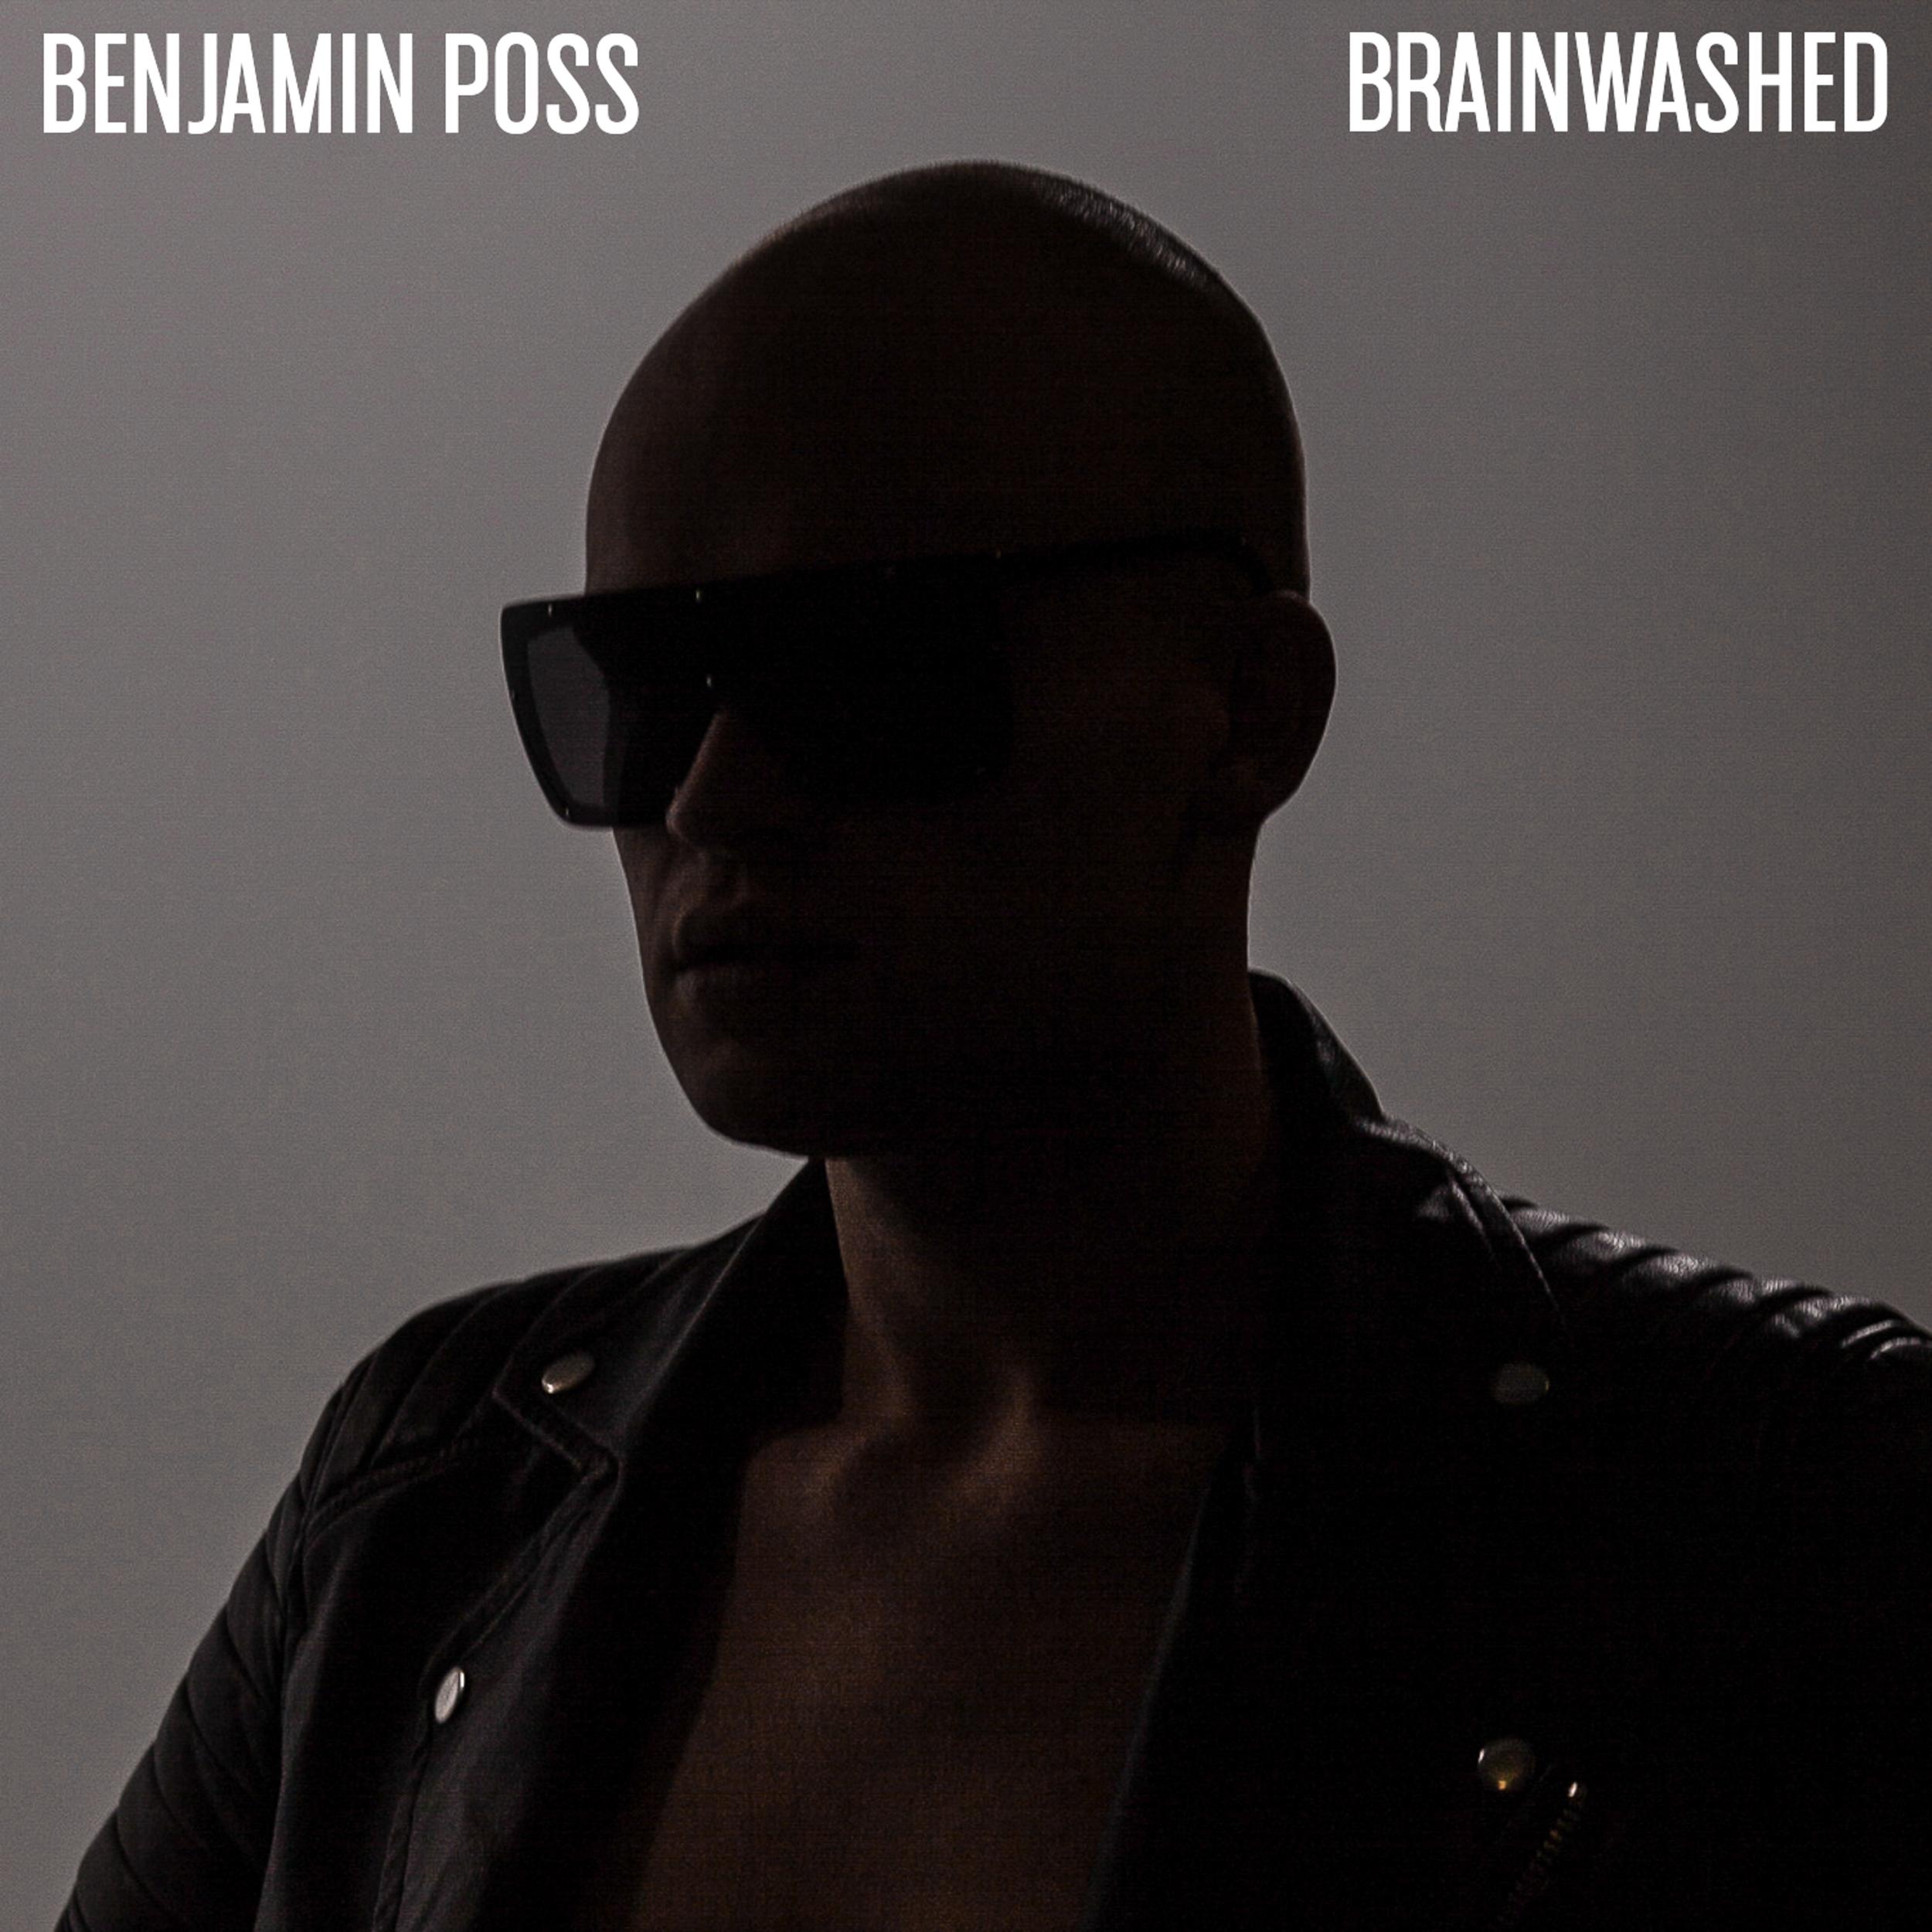 BRAINWASHED ALBUM COVER - BENJAMIN POSS.png